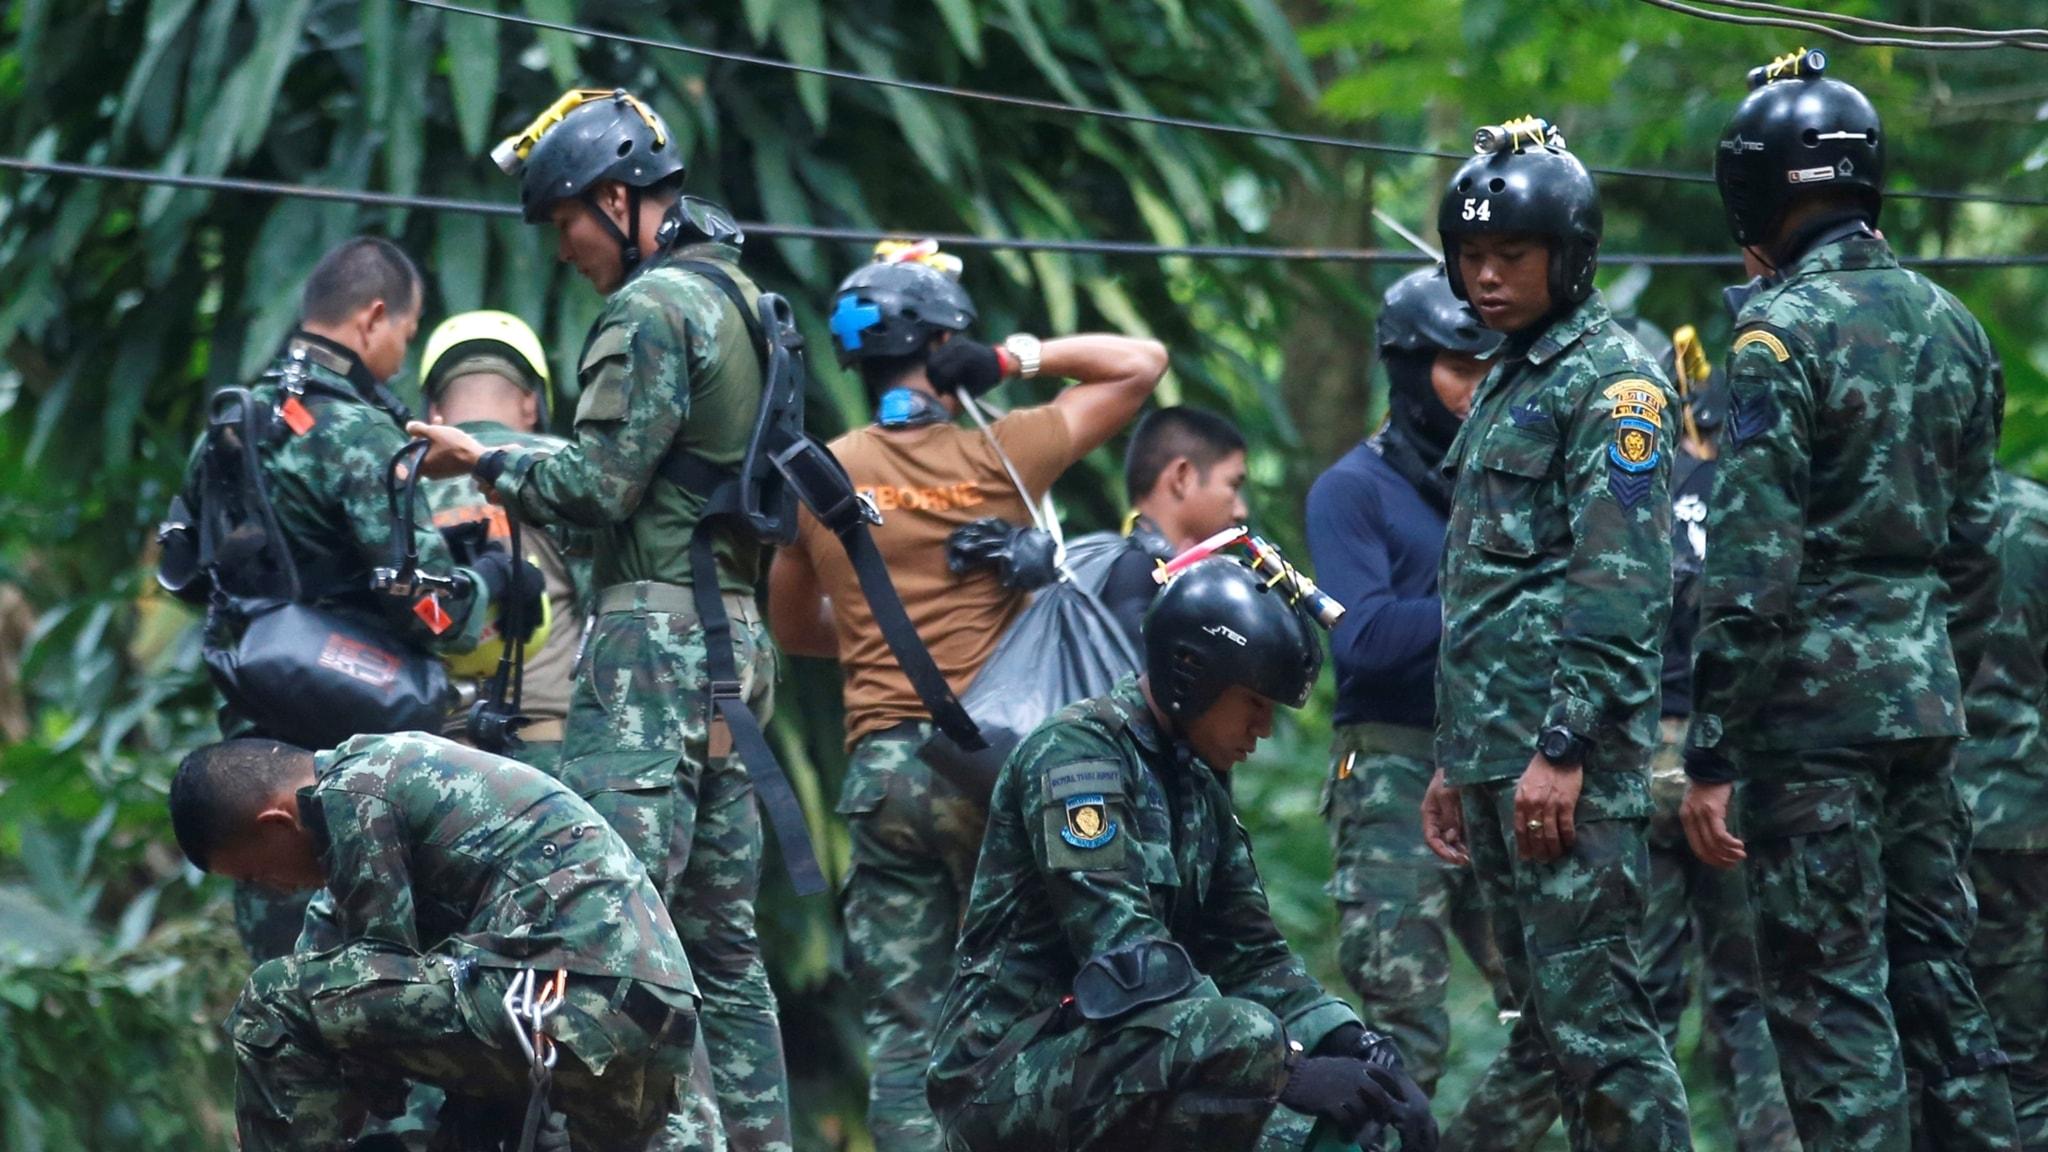 Räddningsarbetet fortsätter trots dödsfall